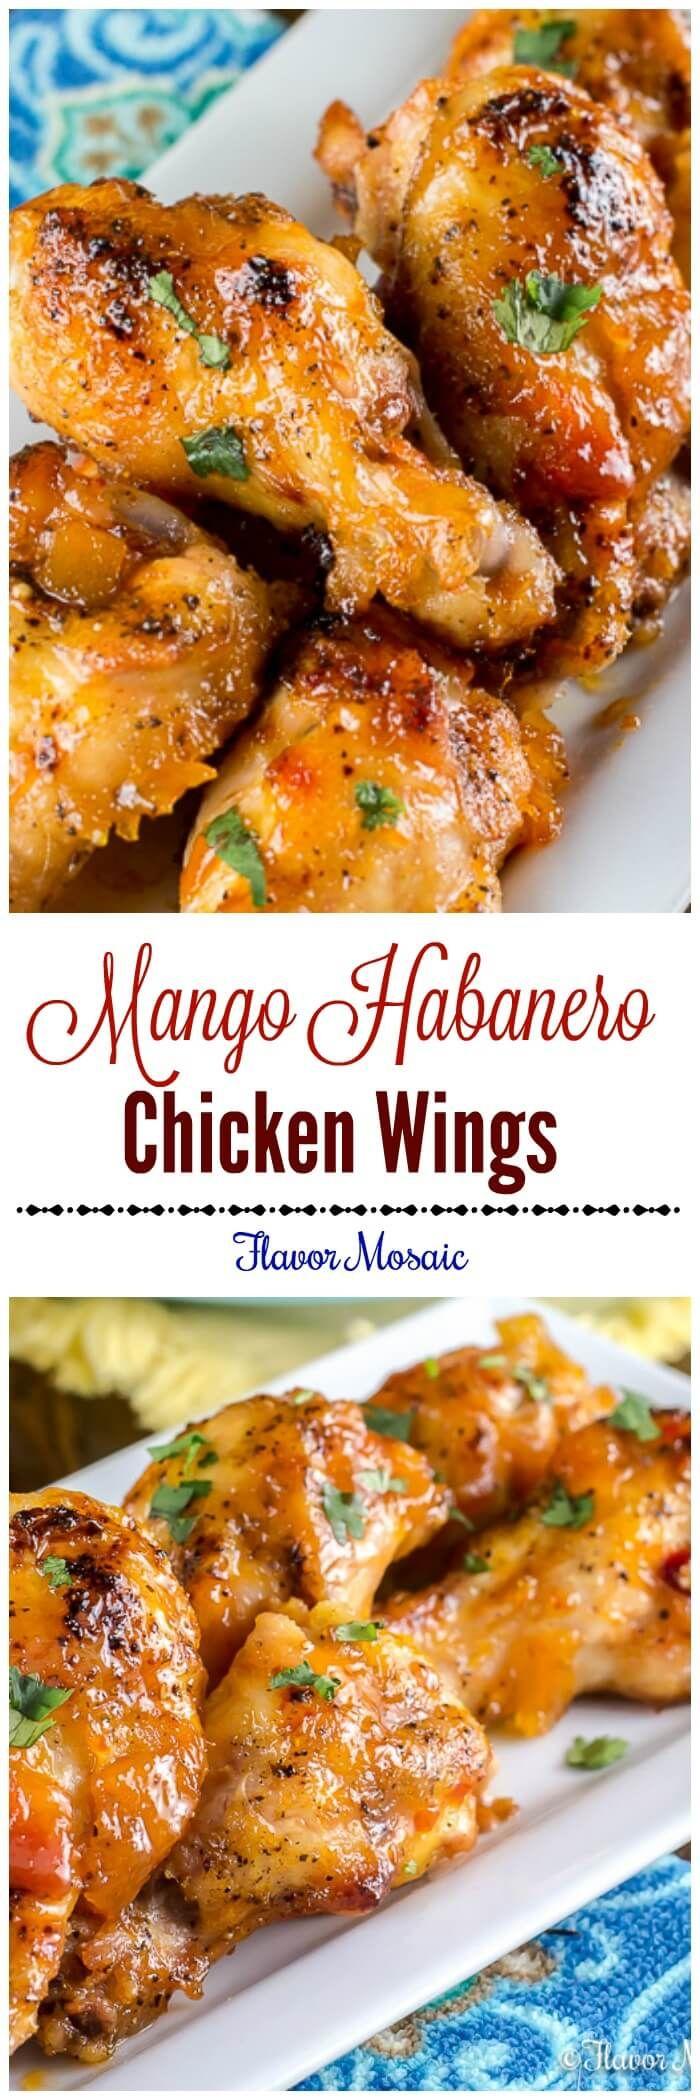 Mango Habanero Wings are sweet and spicy chicken wings with a Mango Habanero glaze made with Mango Habanero Salsa and peach preserves. Serve this appetizer at your next party. #FlavorSeekers #MangoHabanero #ad via @flavormosaic Toda la información y productos especializados para el la raza perro maltés